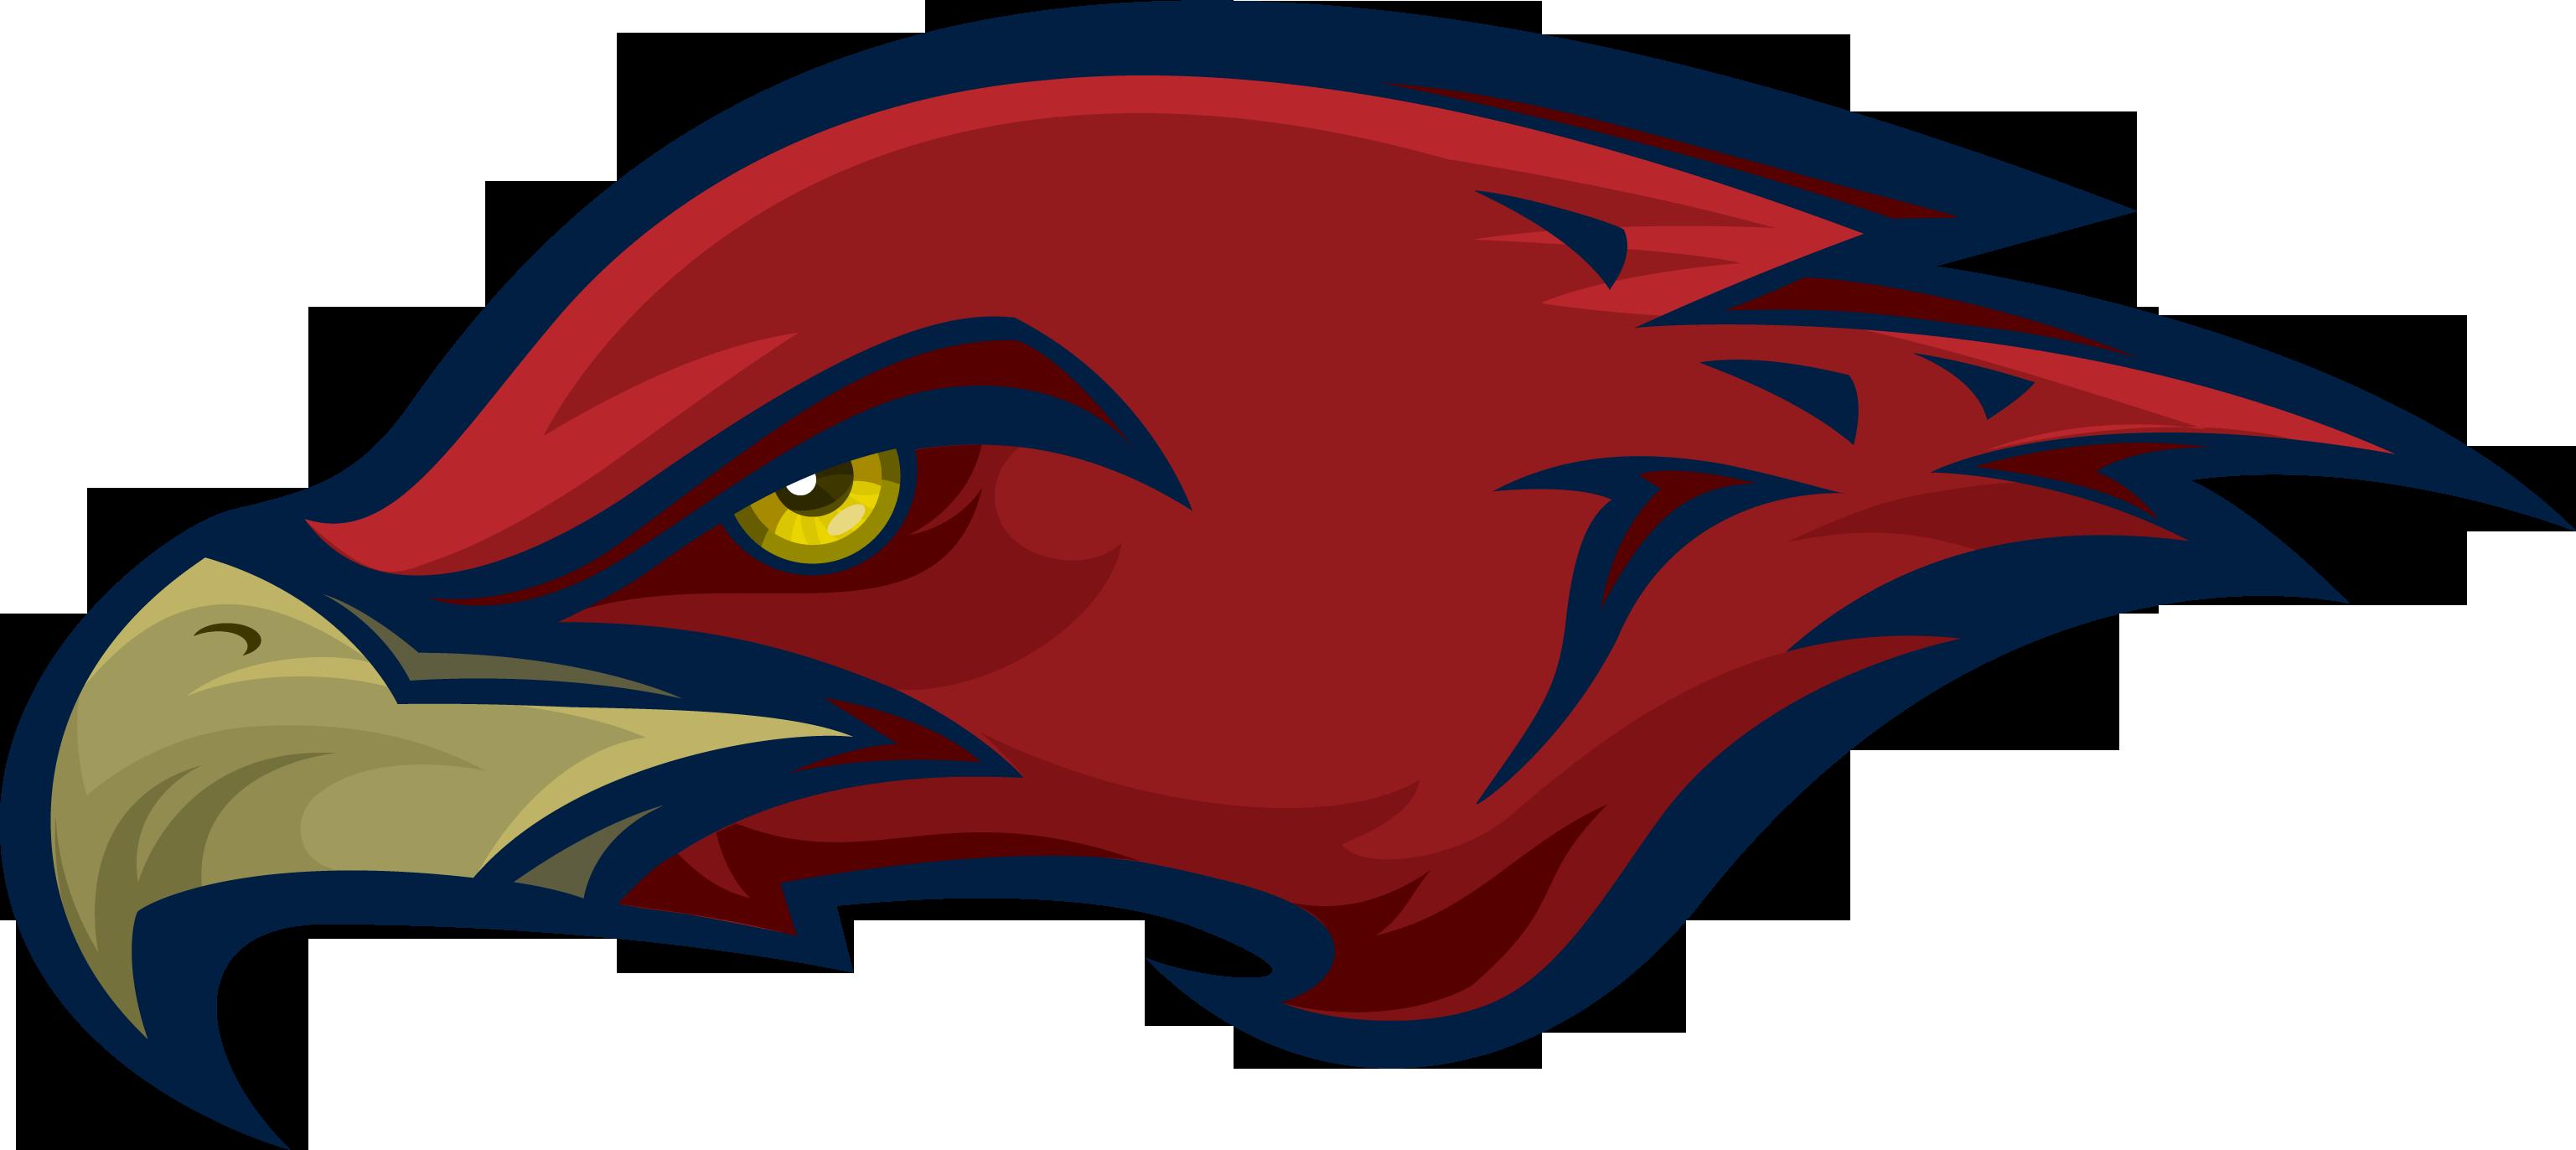 Hawk clipart hawk head. School district mill creek